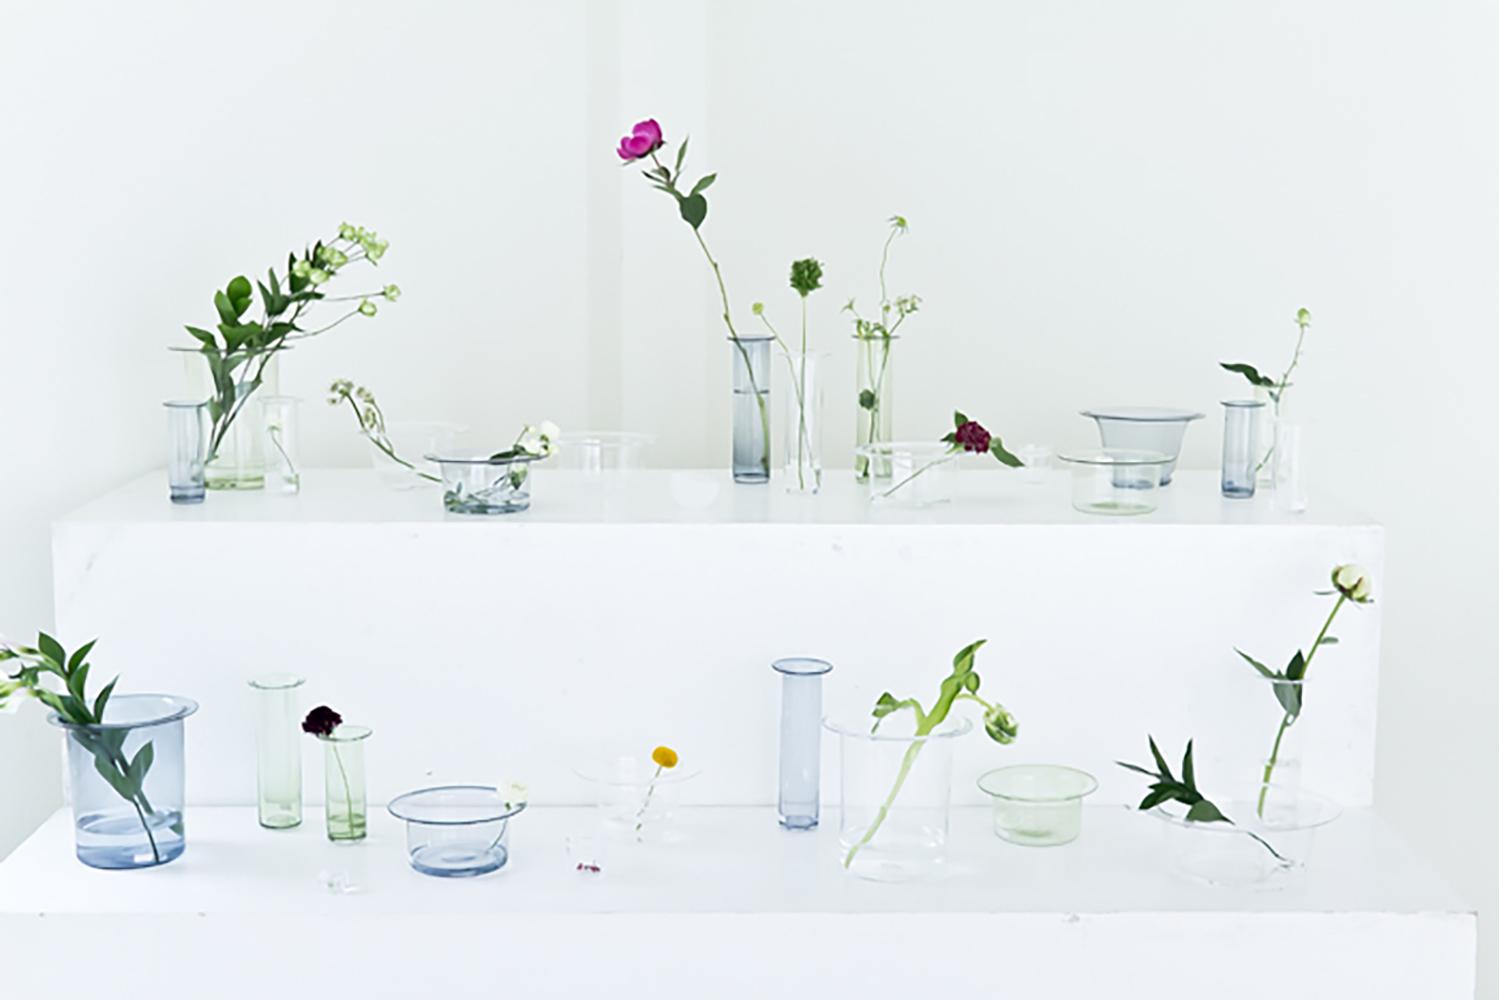 津村里佳さんのガラス展